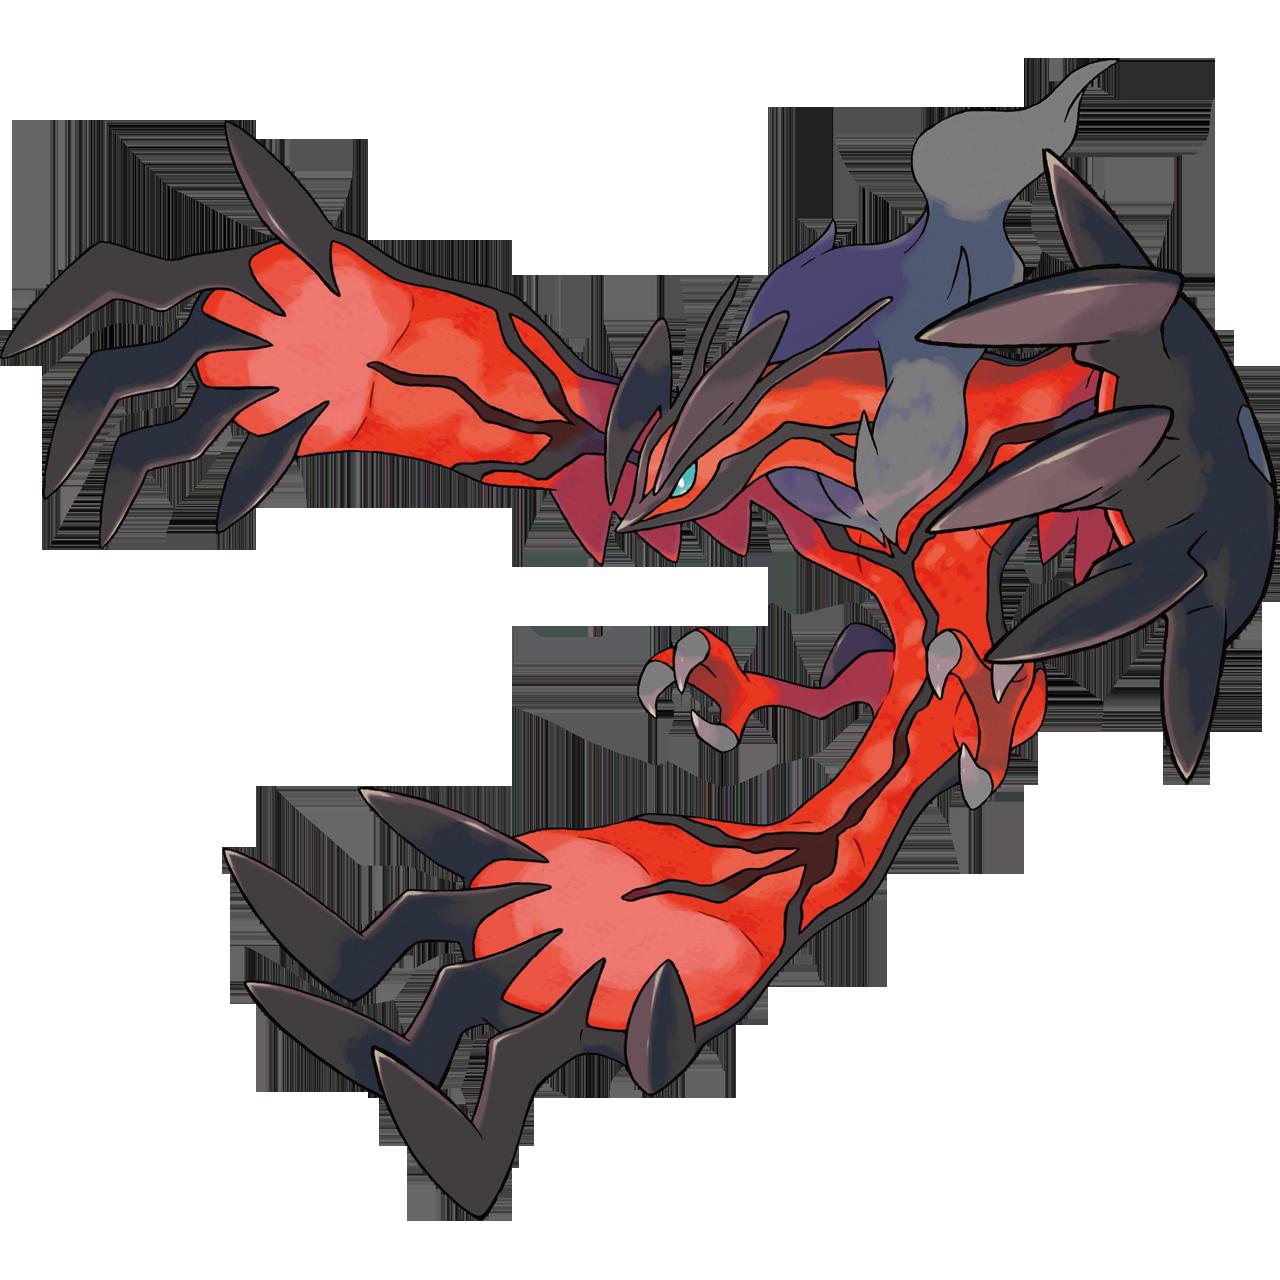 Haxorus vs tyrantrum